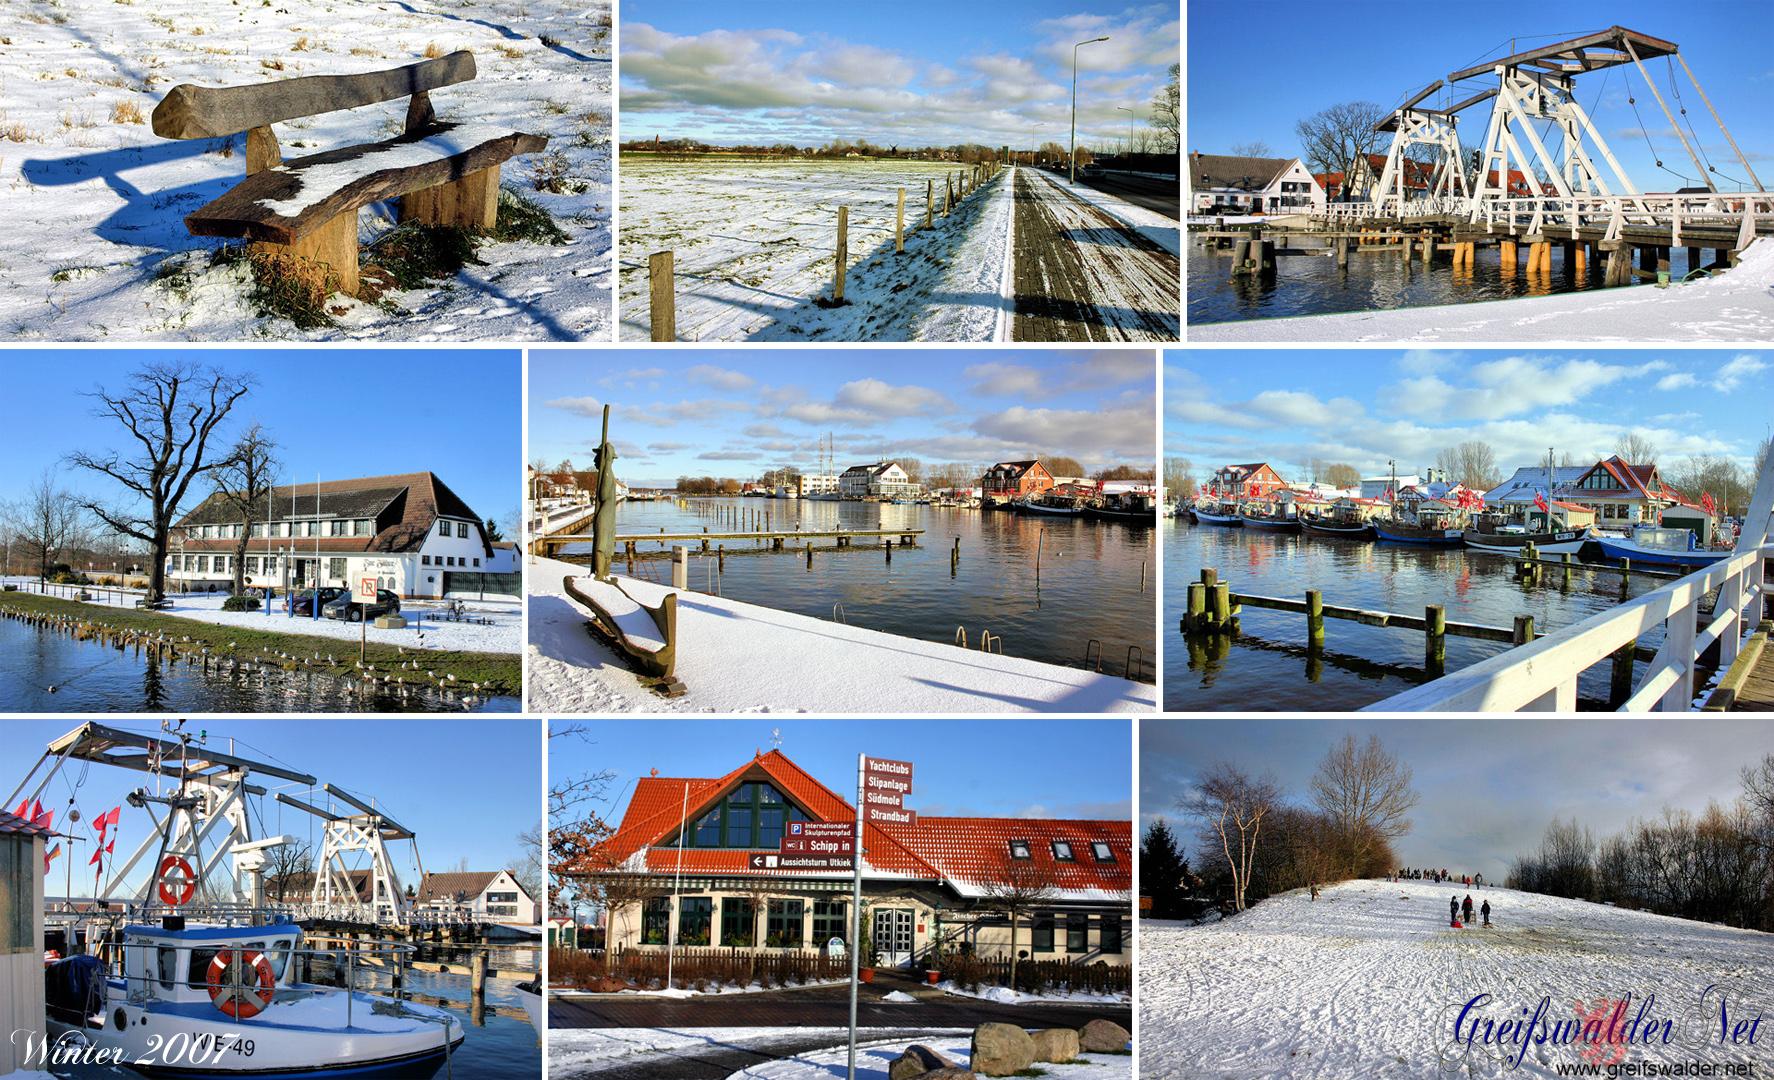 Winter 2007 in Greifswald